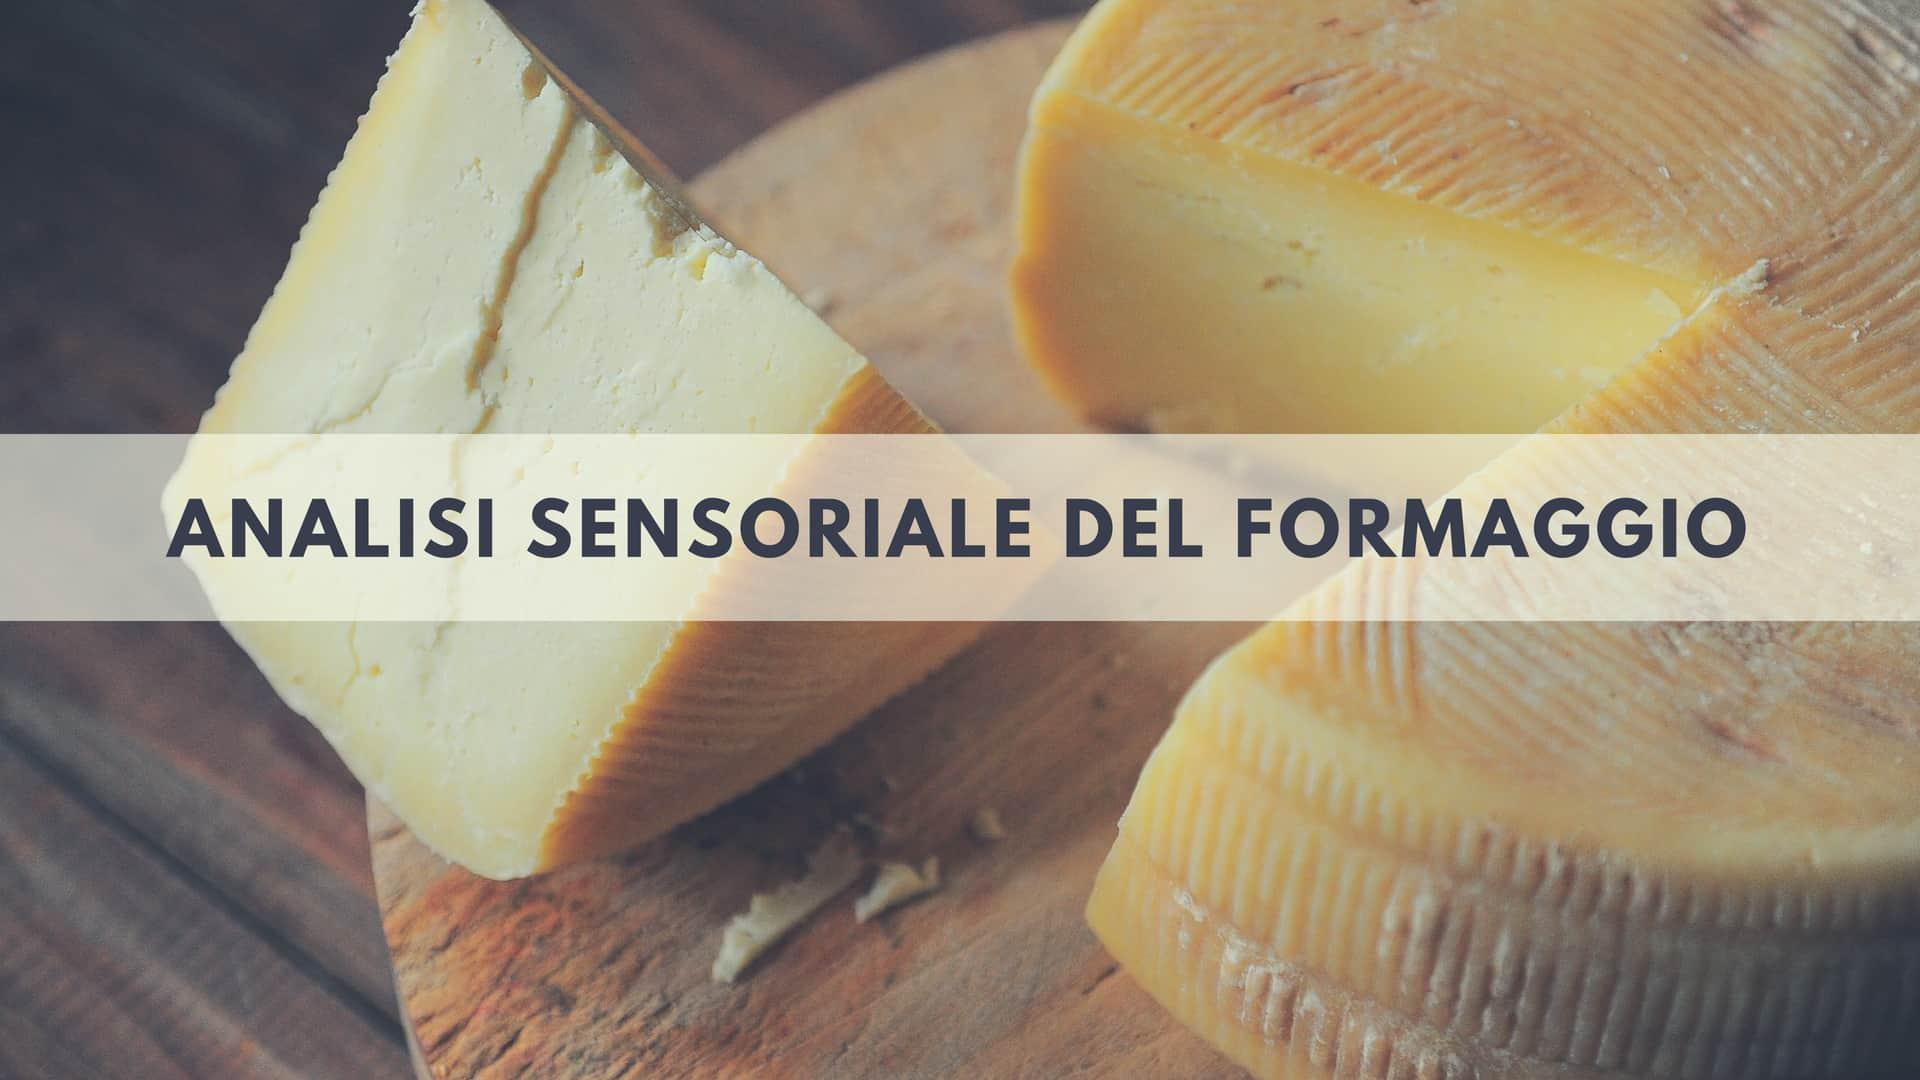 La vista nell'analisi sensoriale del formaggio